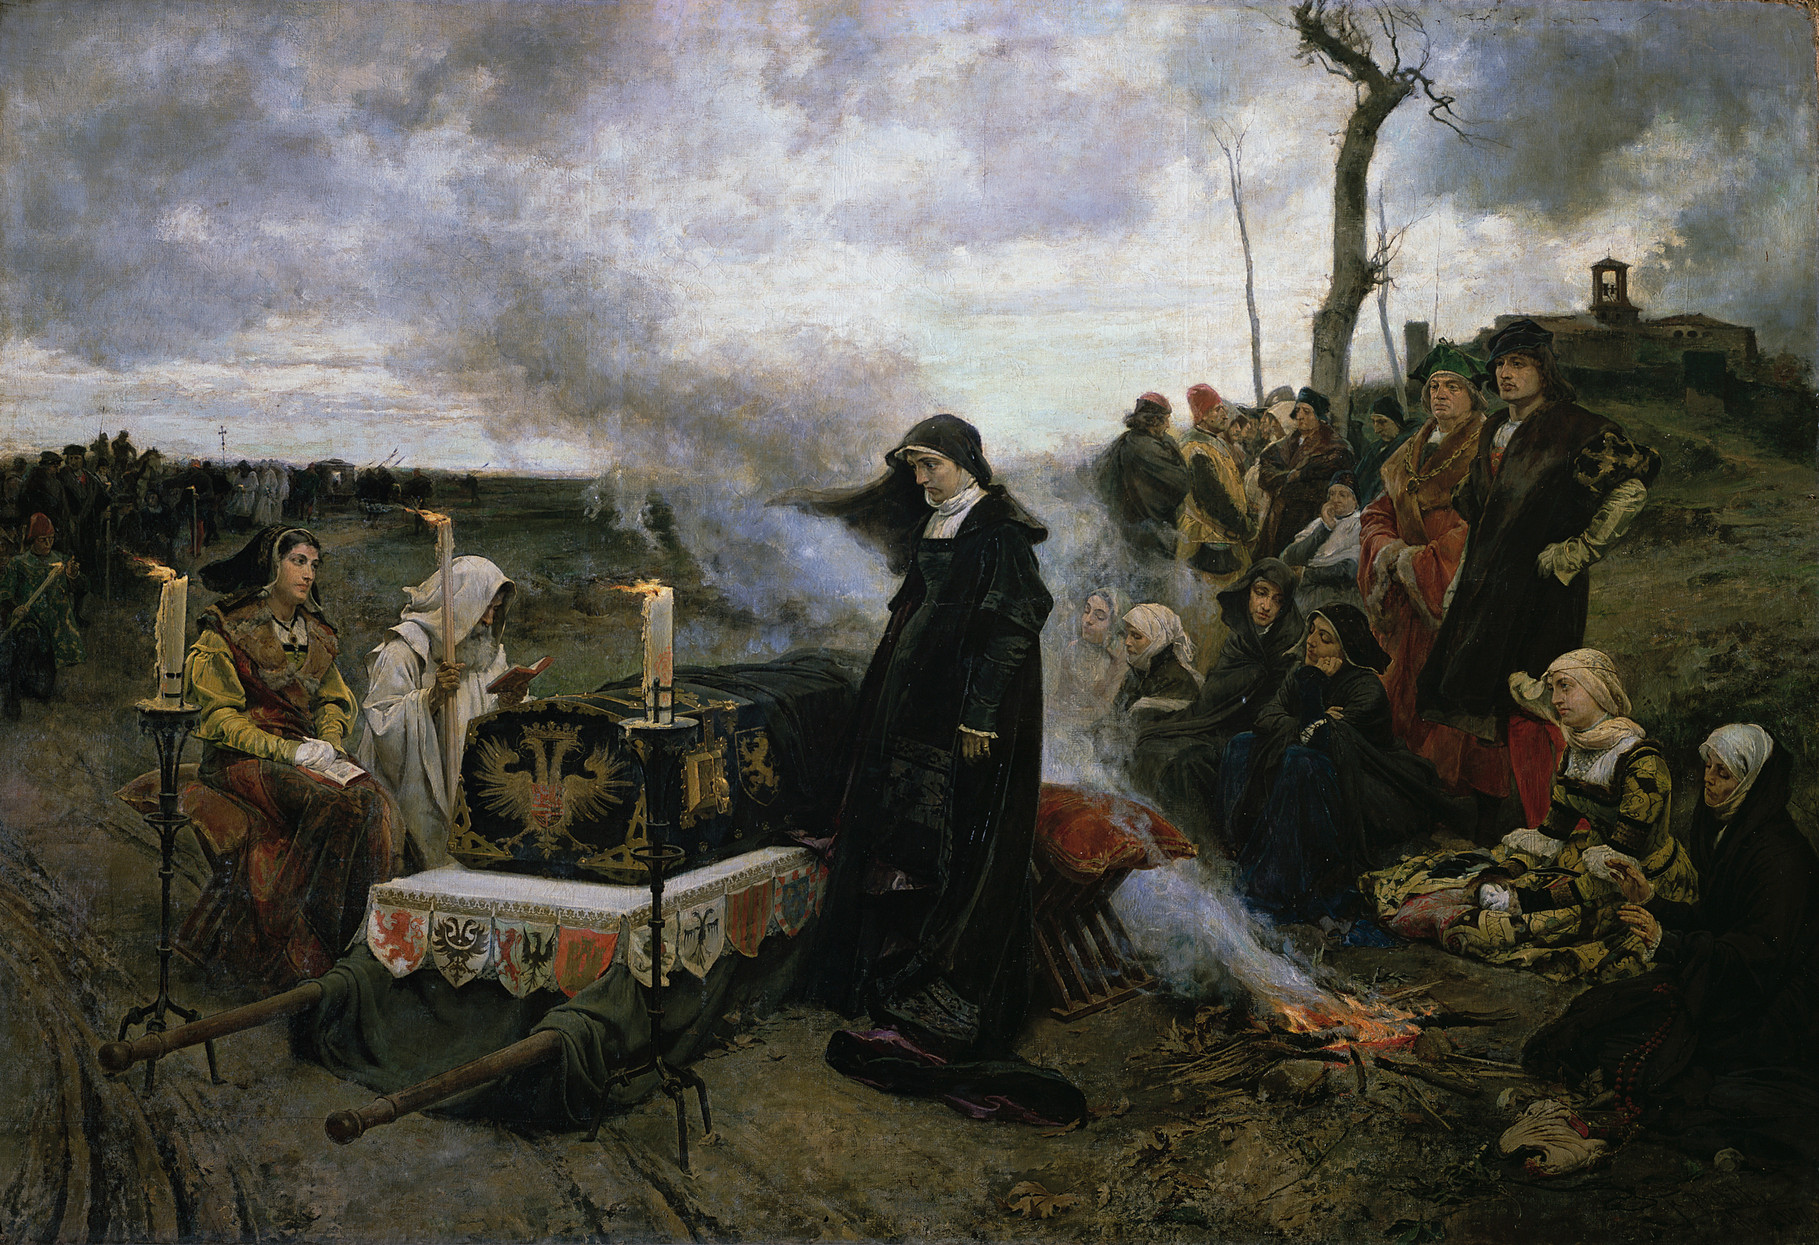 Juana la Loca de Francisco Pradilla, (1877, Museo del Prado).